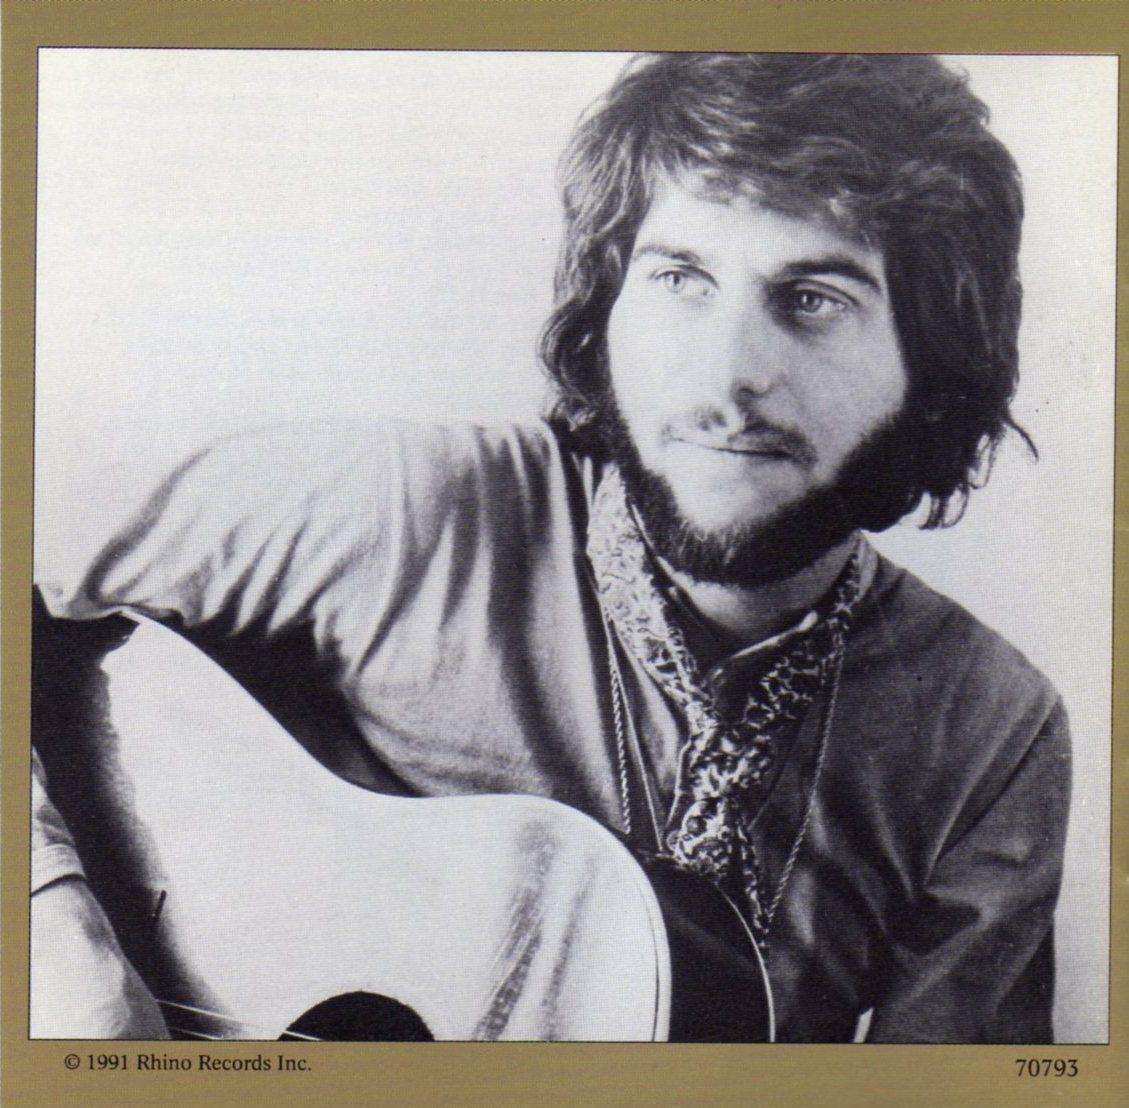 La Batea De Los Sonidos: 0319 - Johnny Rivers - 1991 ...